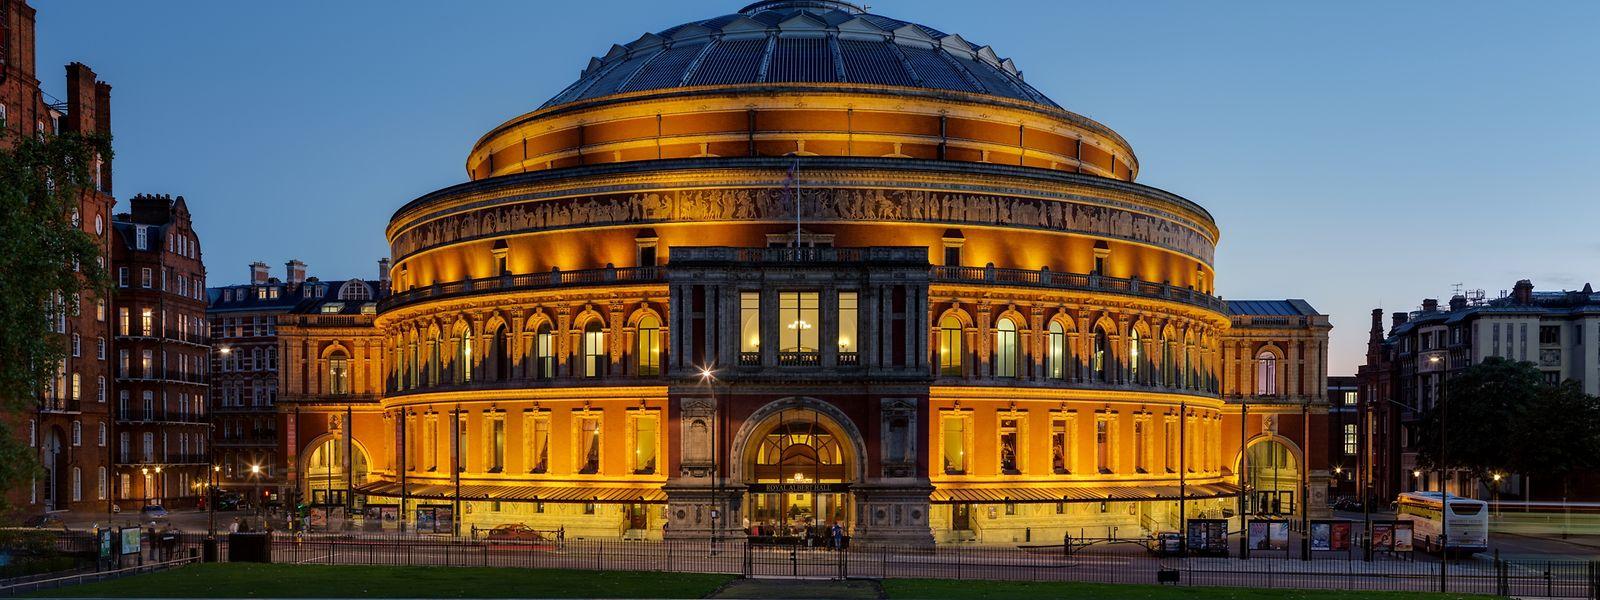 Ehrwürdig: Die Royal Albert Hall im Londoner Stadtteil Kensington.